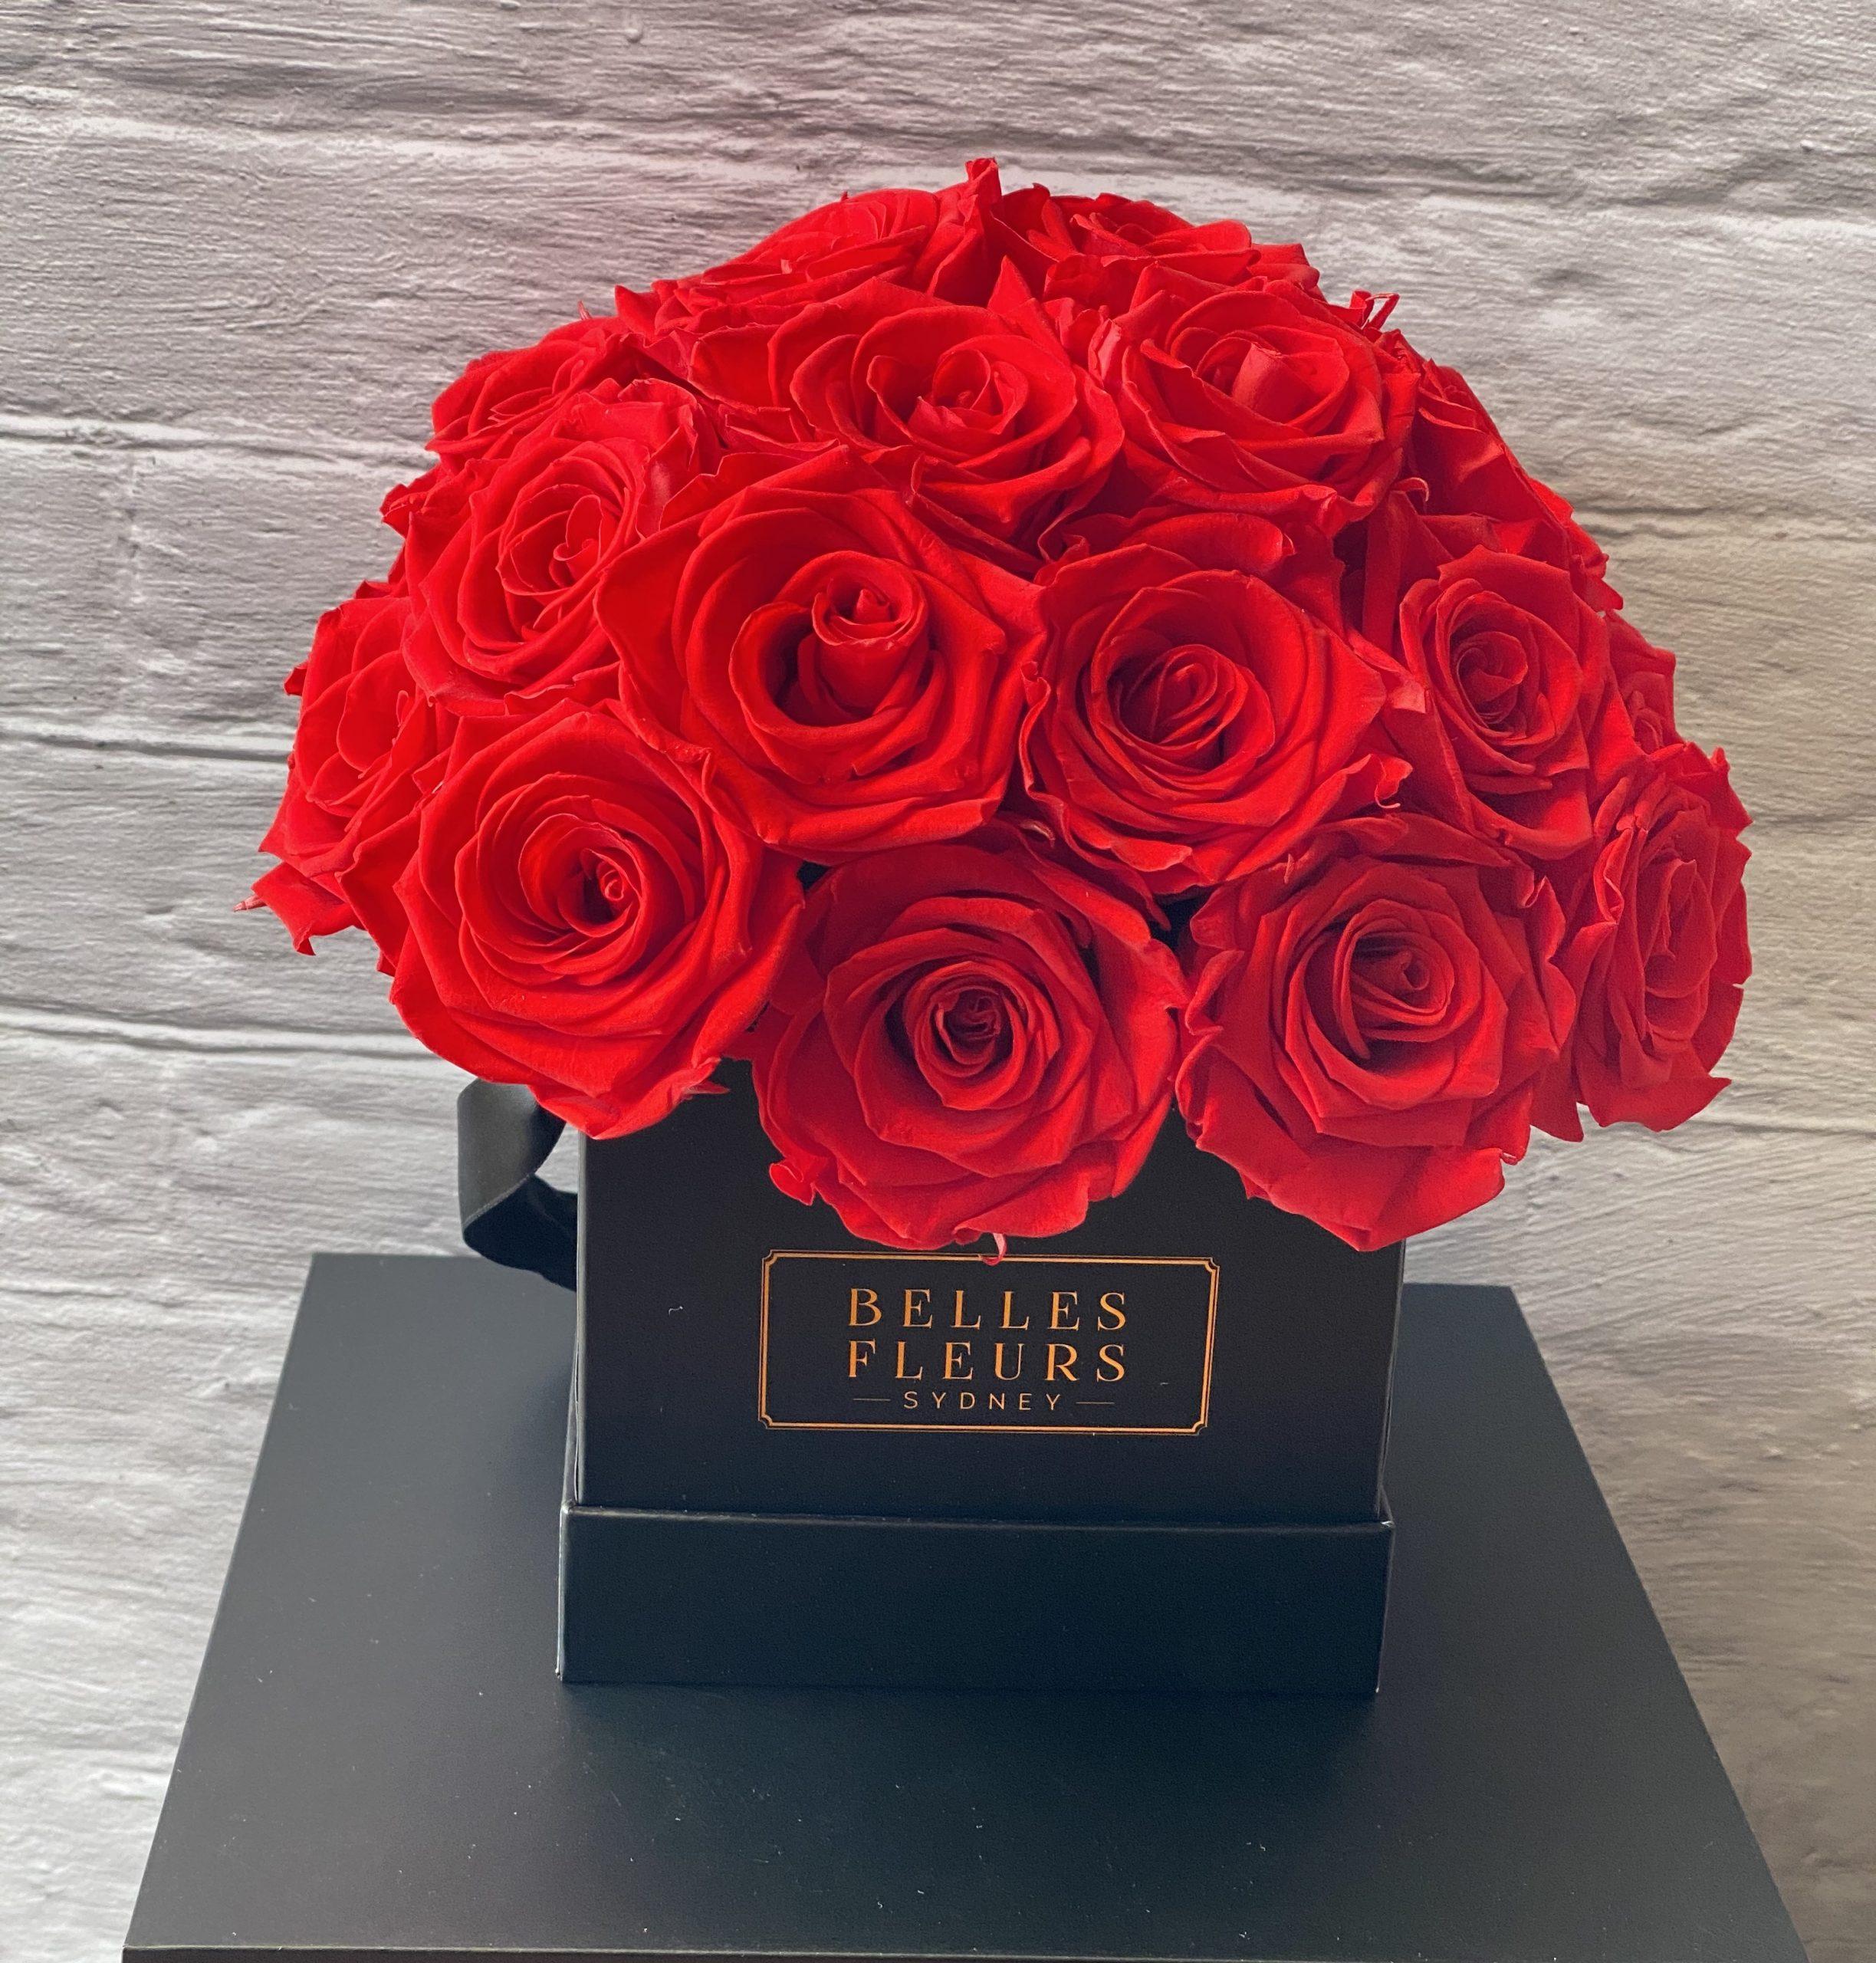 Bellles Fleurs Florist